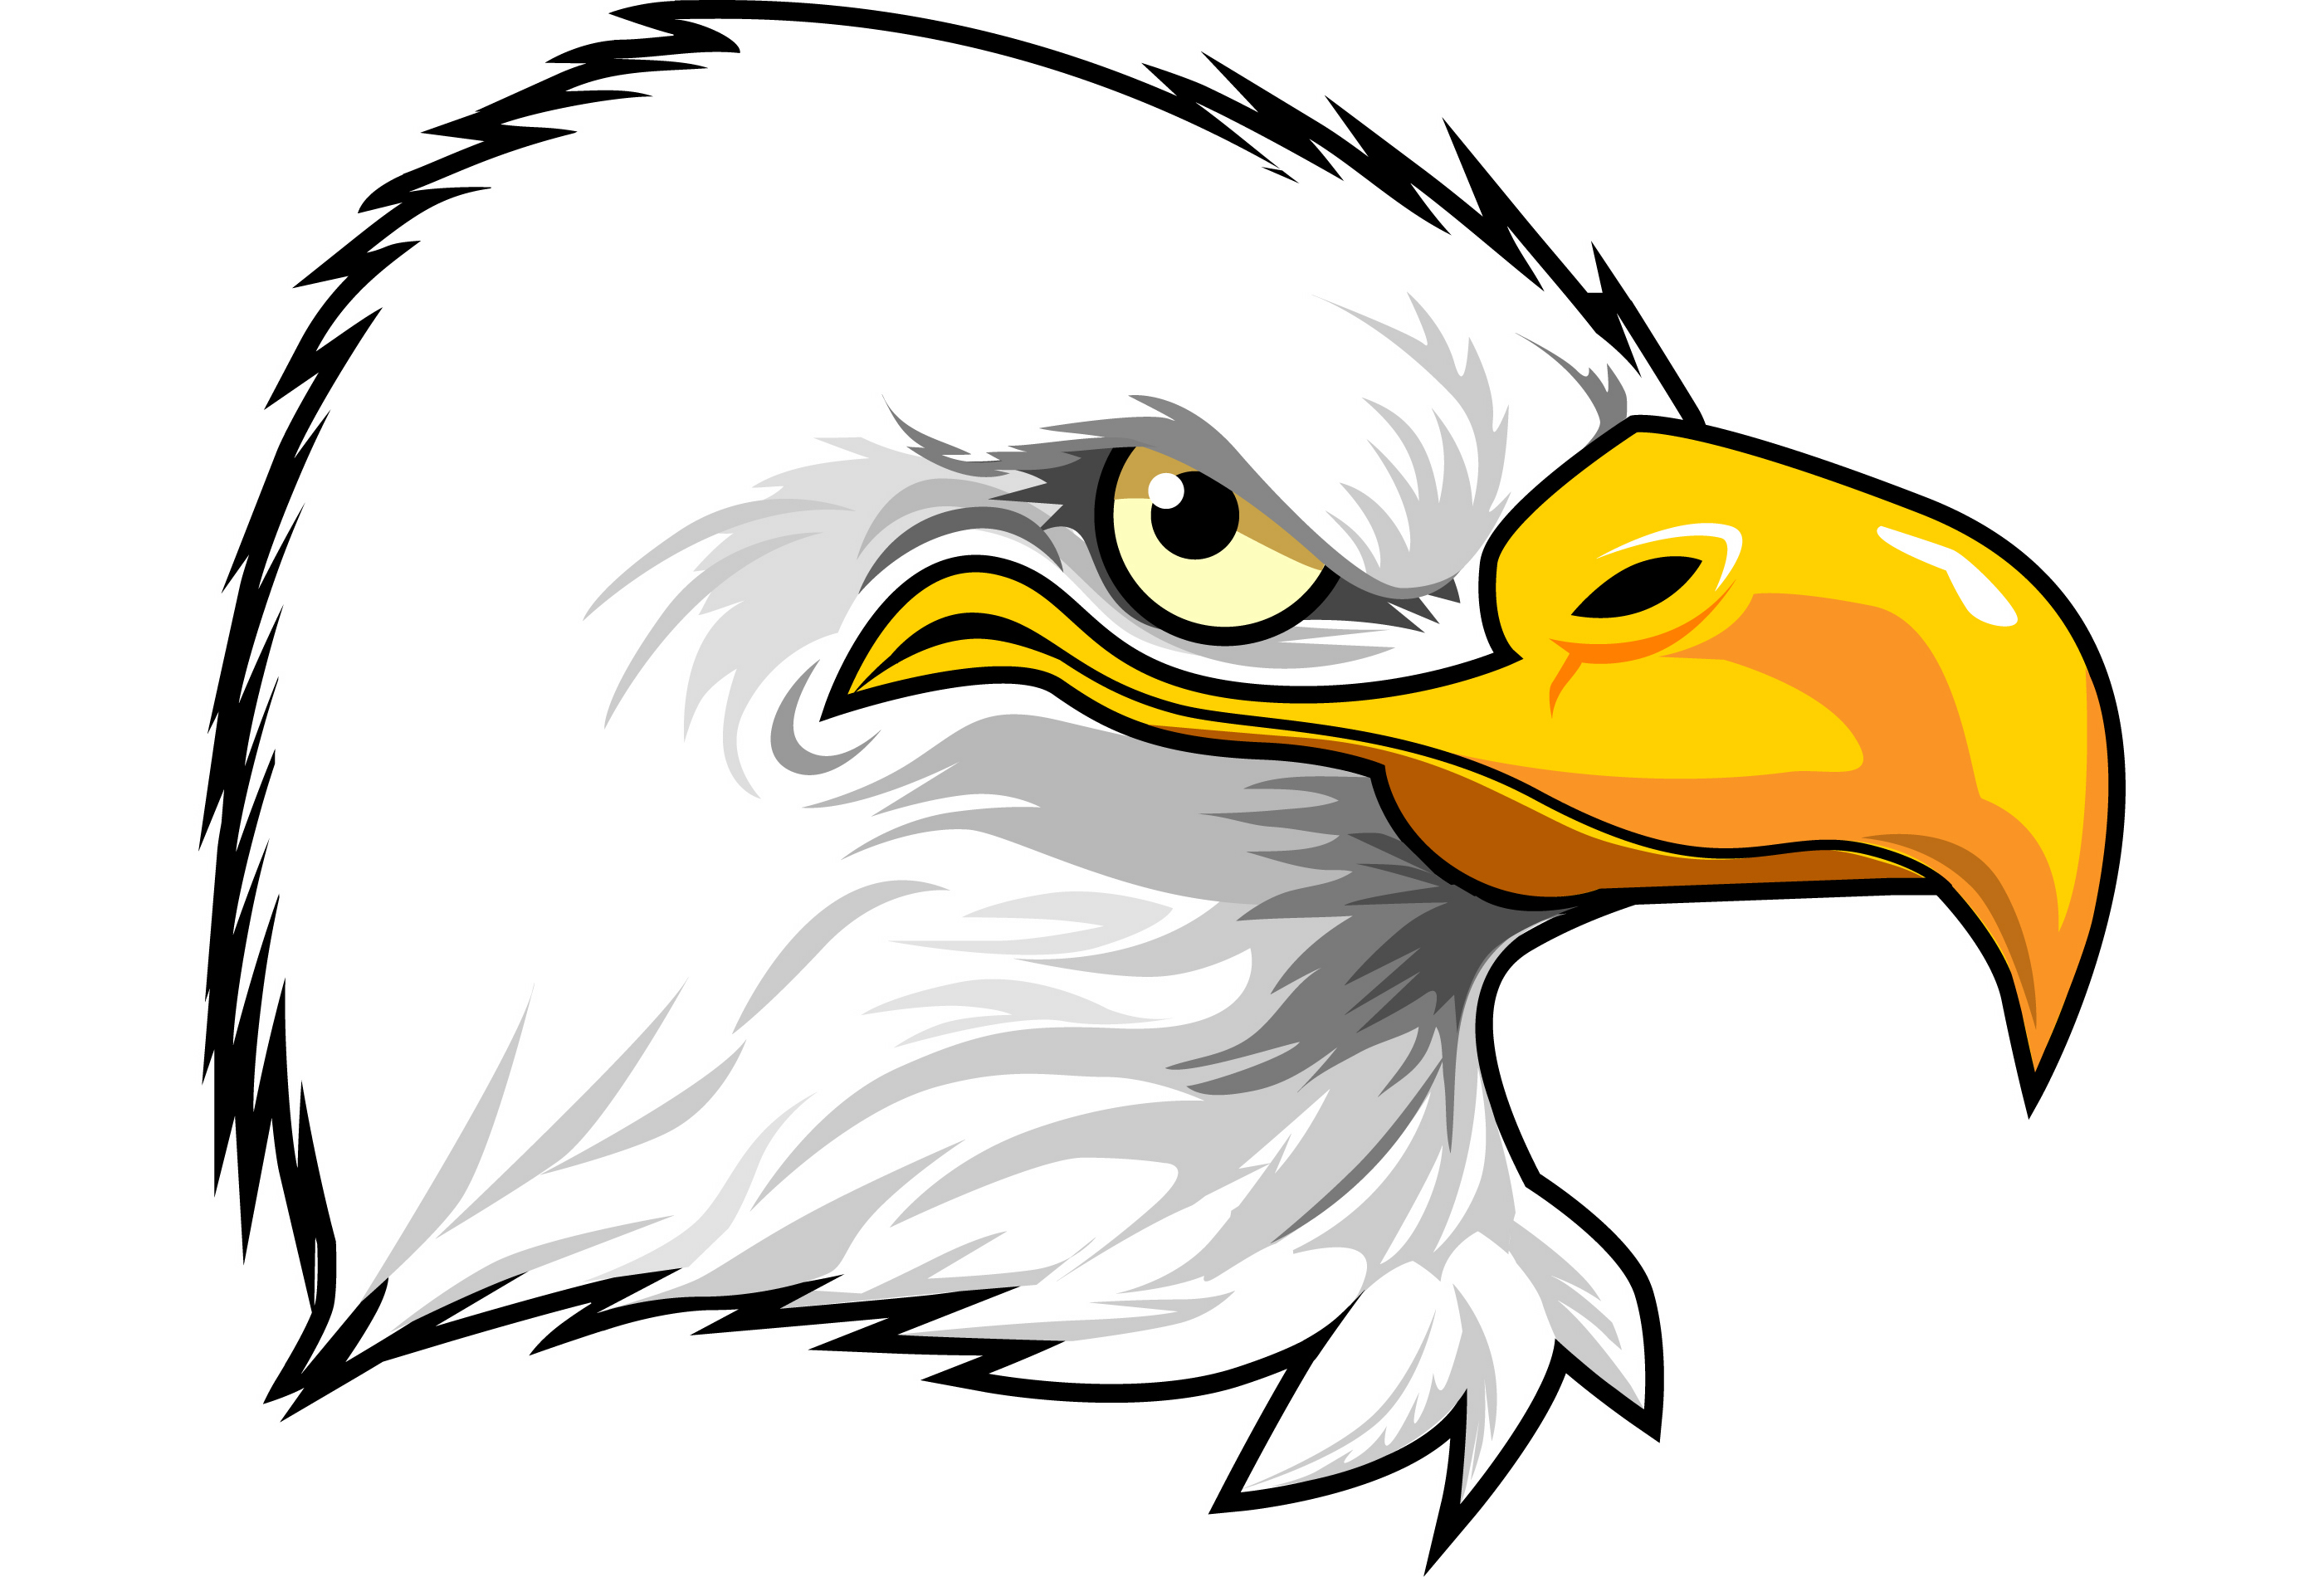 free bald eagle clipart - photo #49